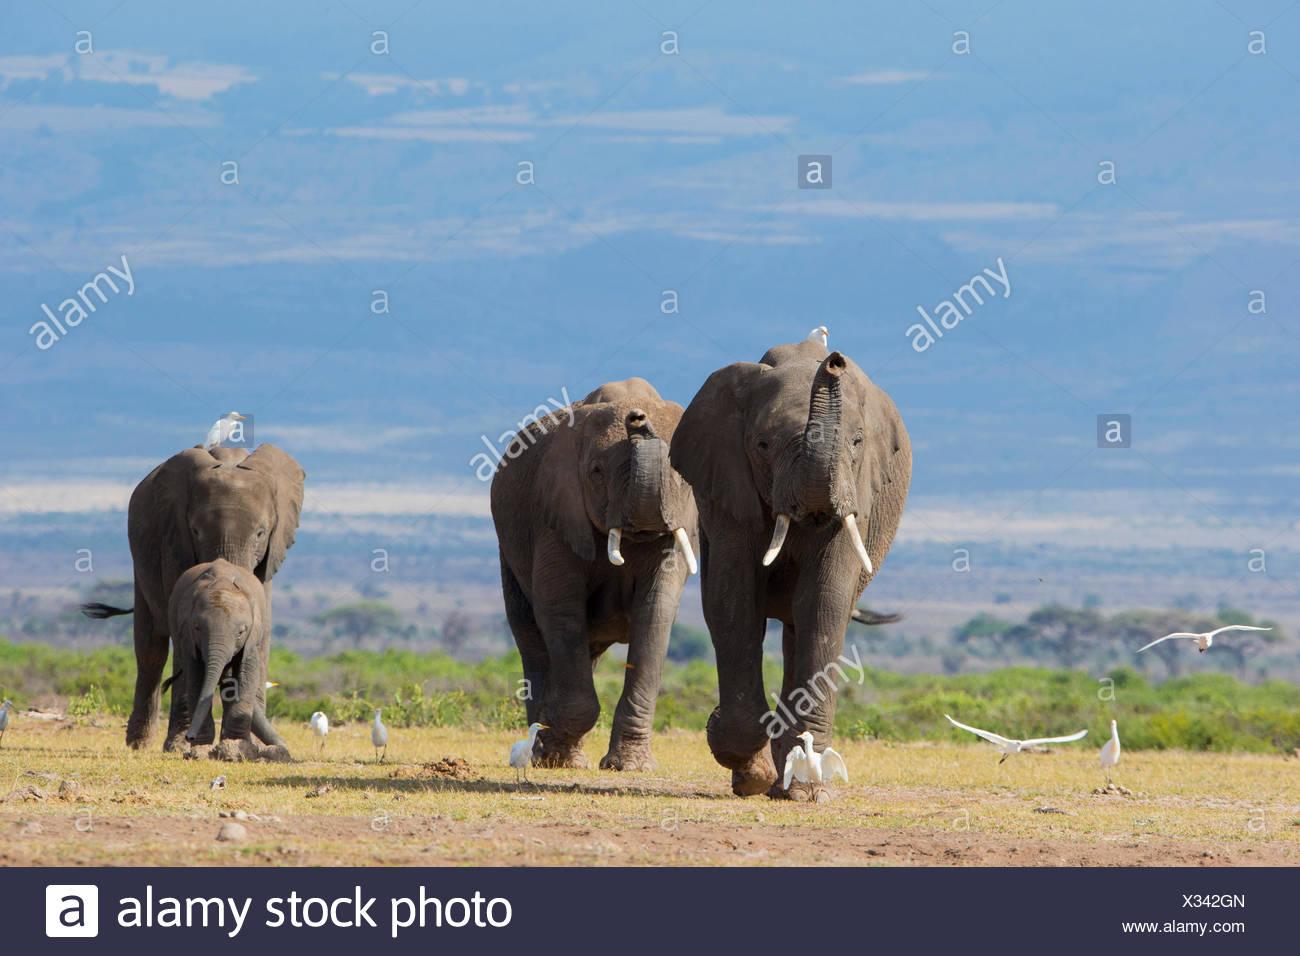 African Elephant (Loxodonta africana) Family group at Amboseli National Park Kenya - Stock Image